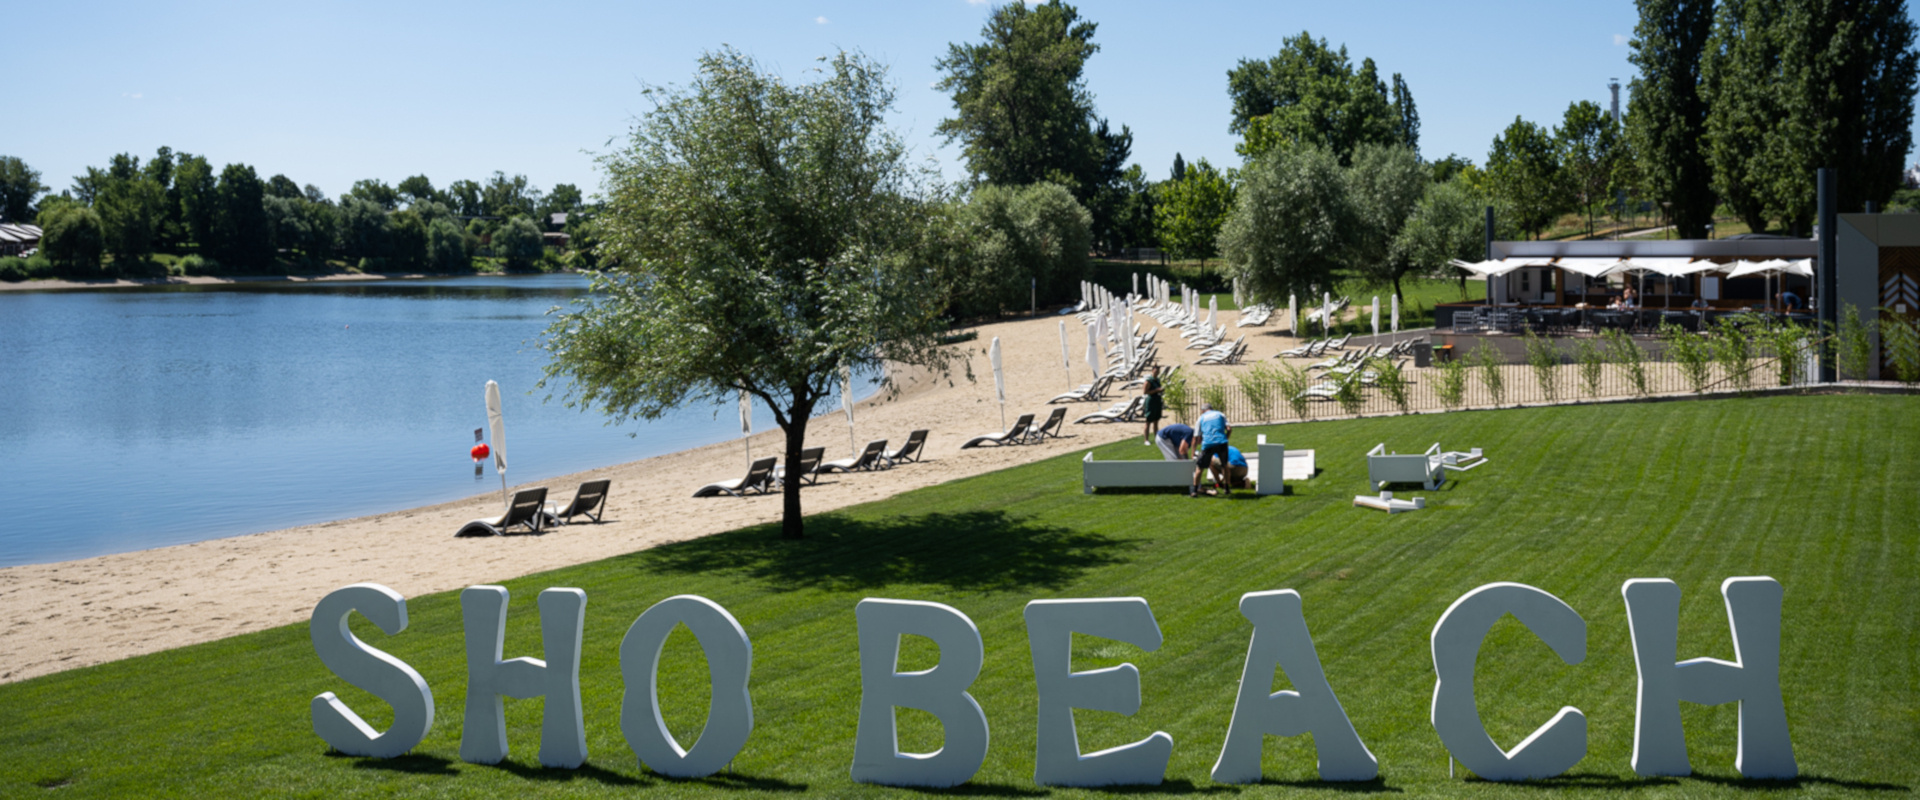 SHO beach betűk cover